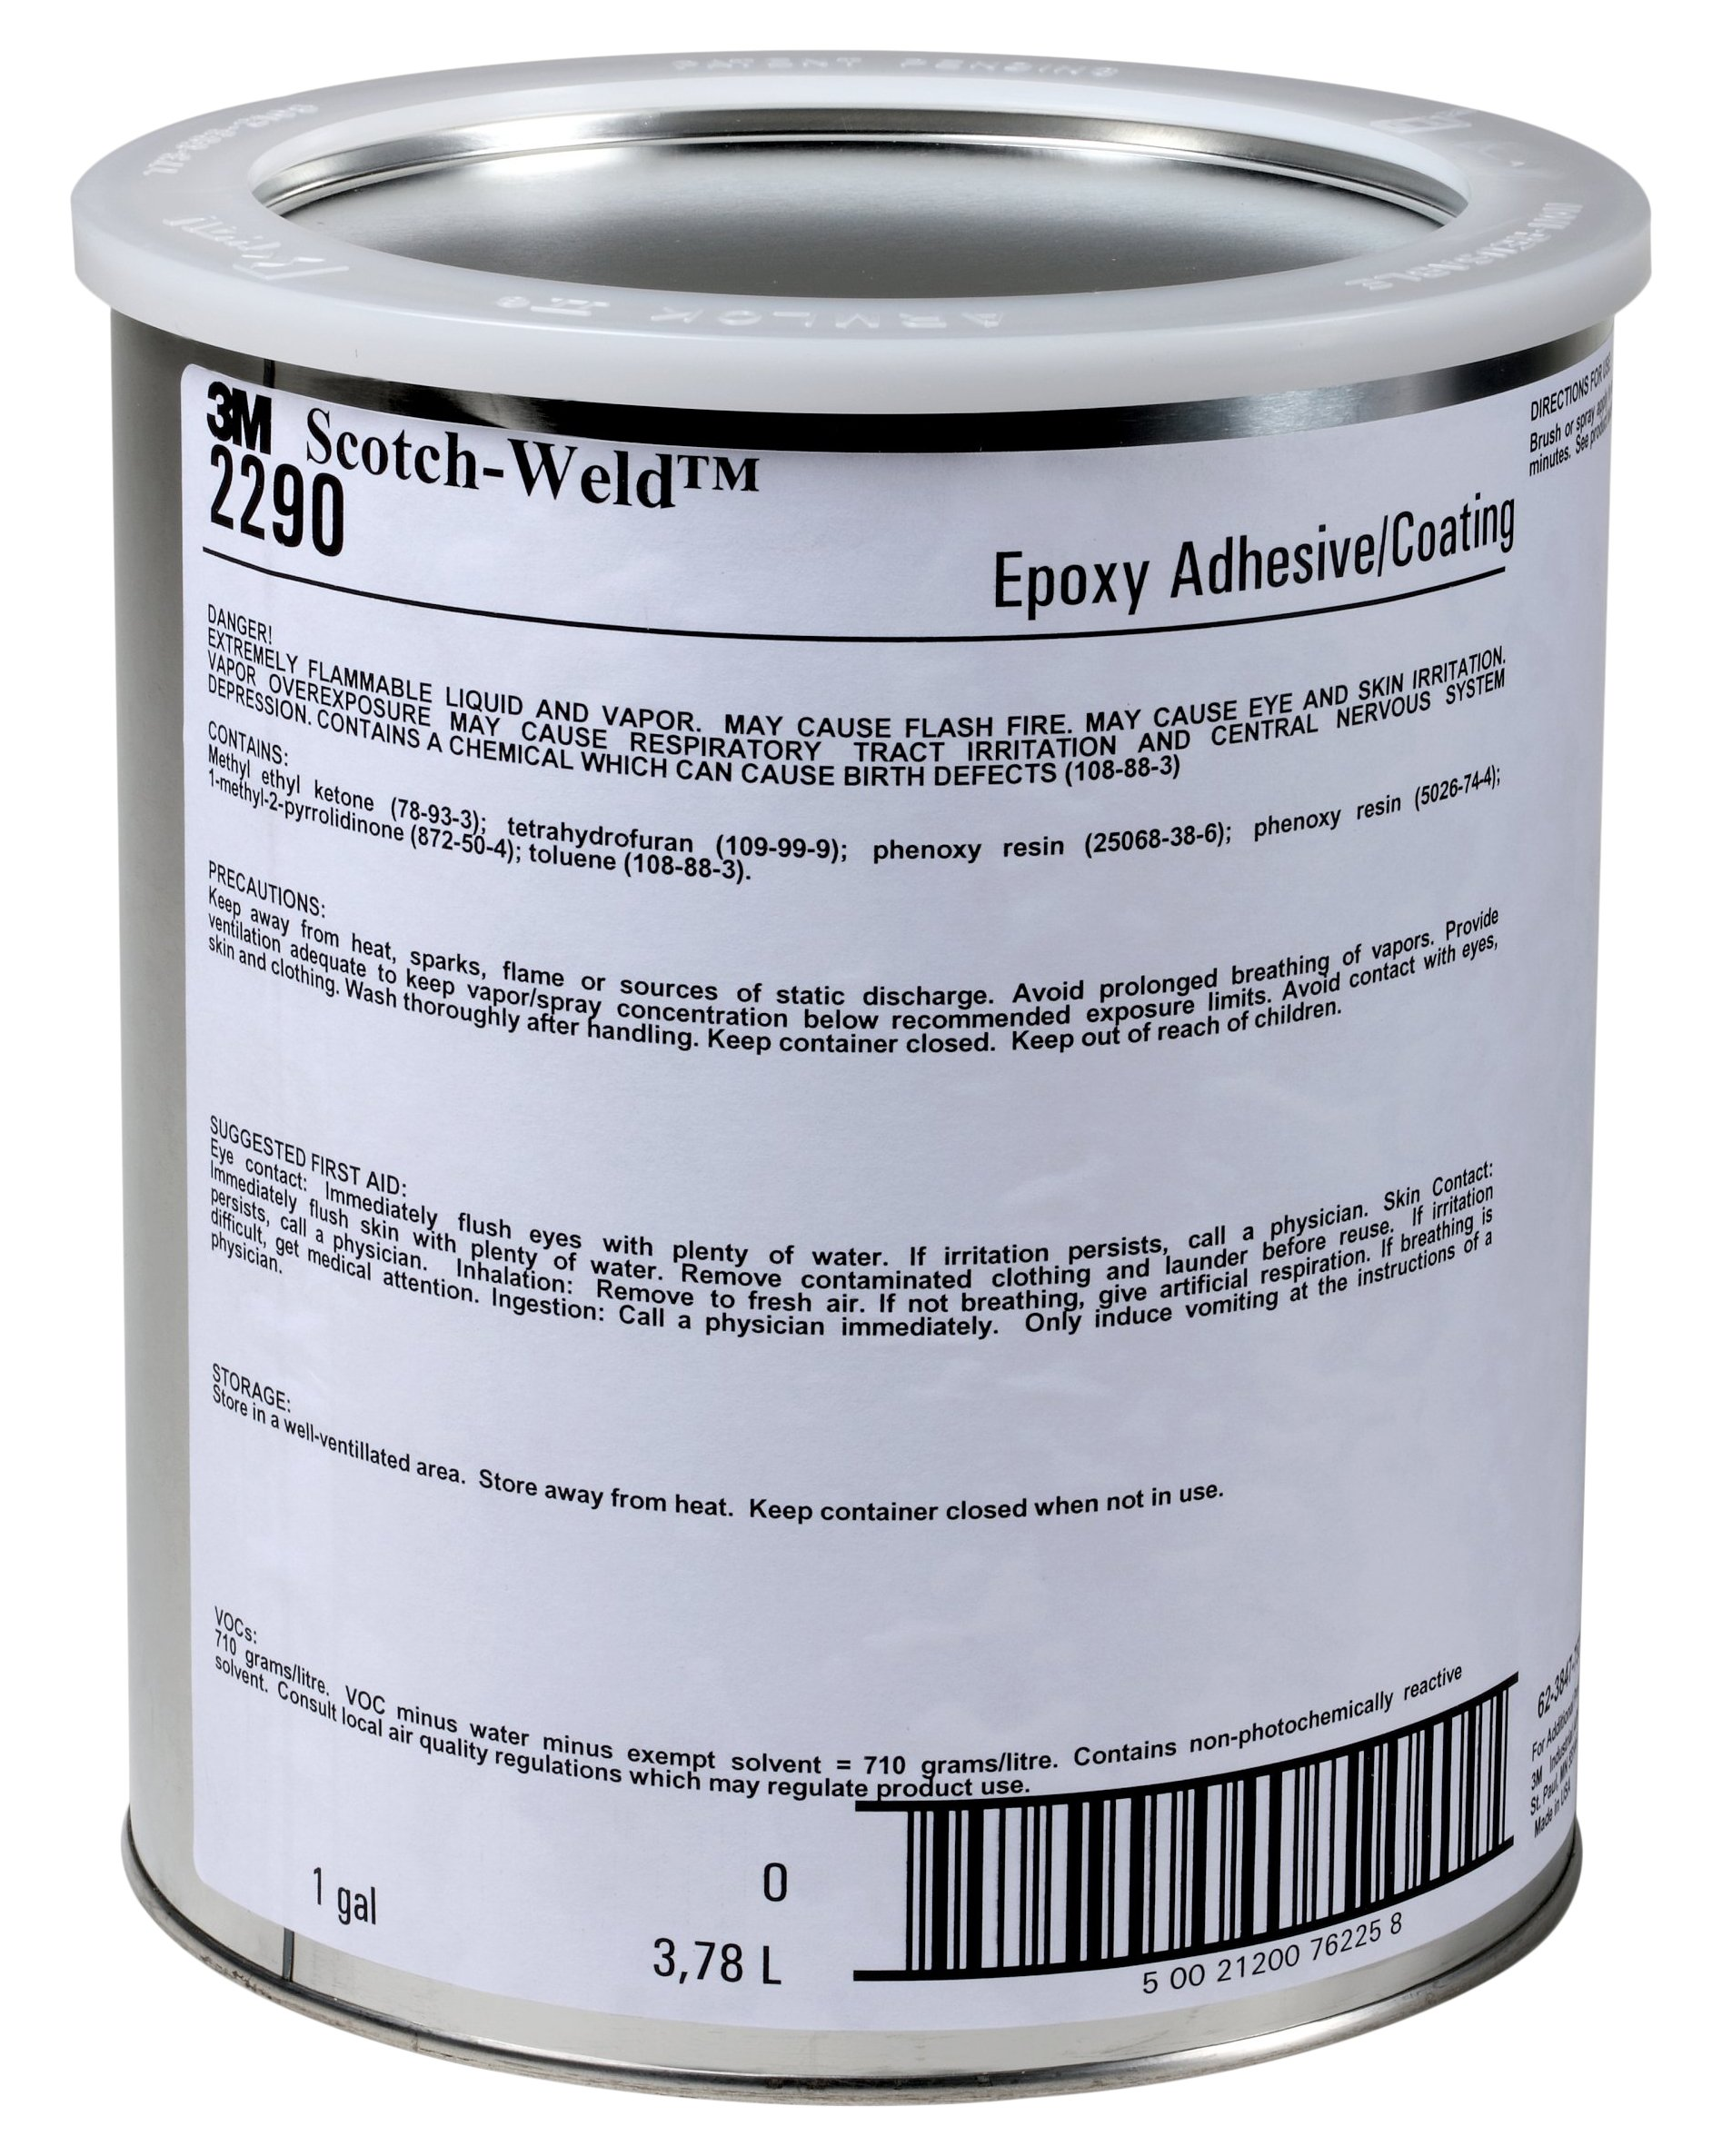 3M Scotch-Weld 76225 Epoxy Adhesive 2290, Amber, 1 gal by 3M Scotch-Weld (Image #1)